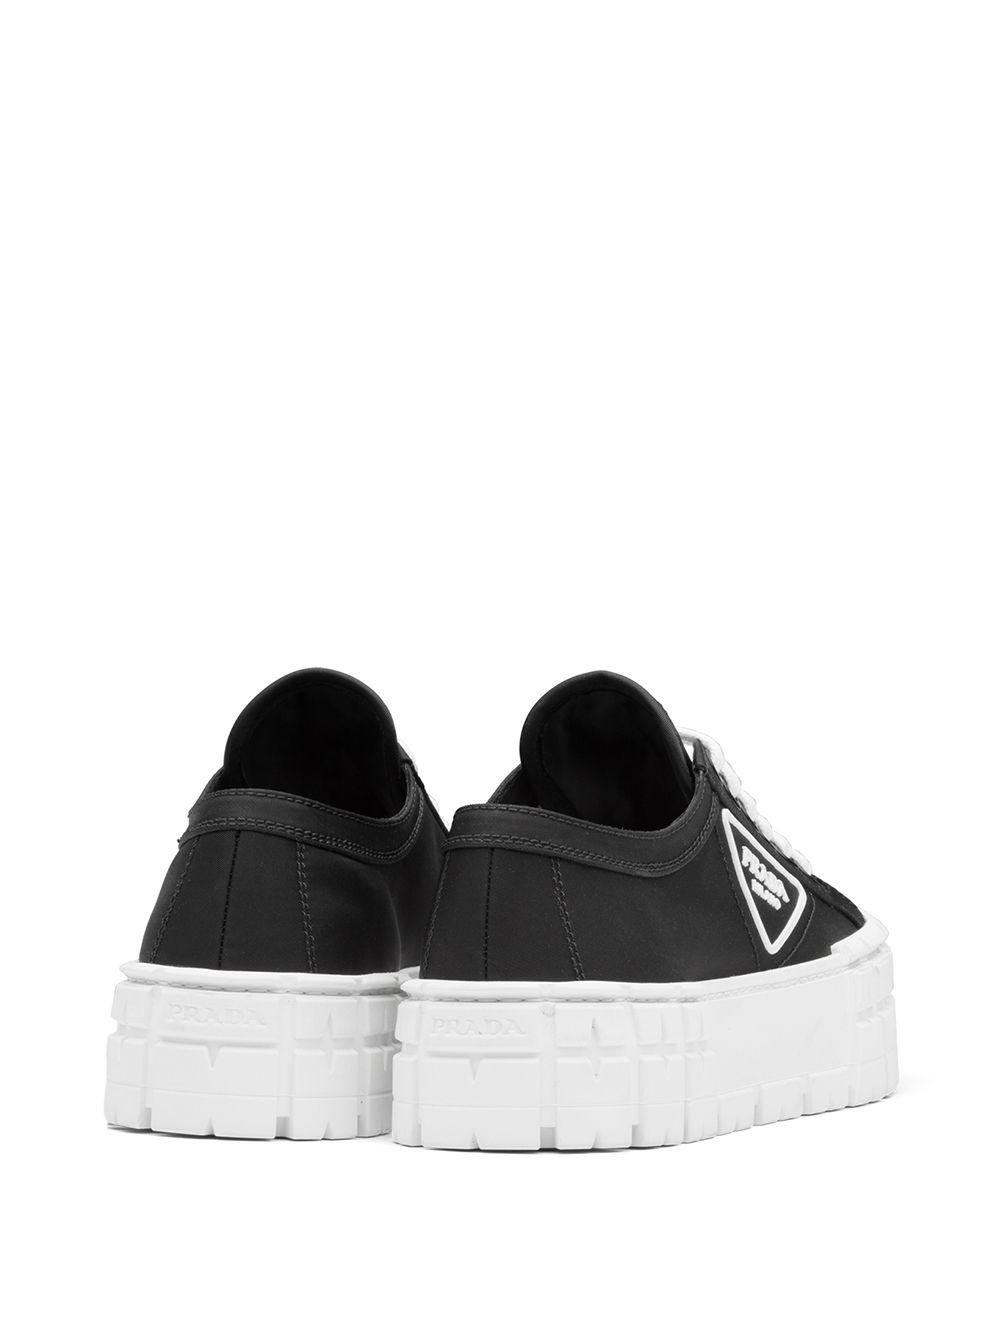 Black sneakers PRADA |  | 1E260MF050MMSF0IAU